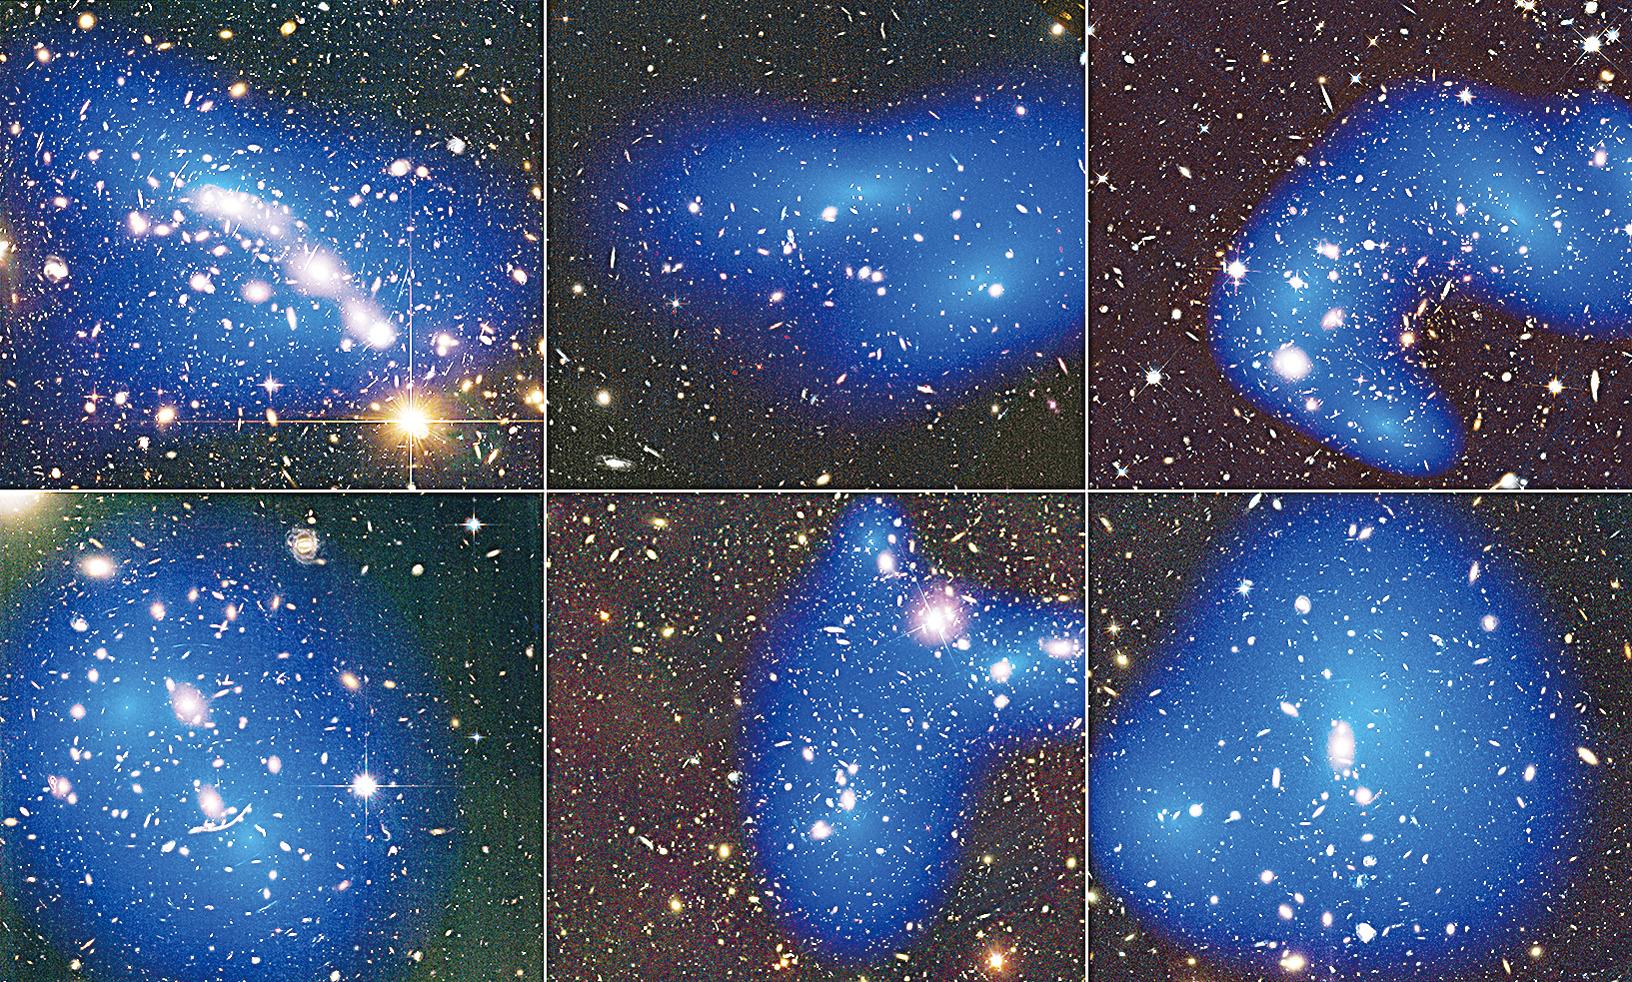 科學家曾根據星系碰撞,繪製星系團中的暗物質(藍色),發現其含量超乎想像。(NASA)